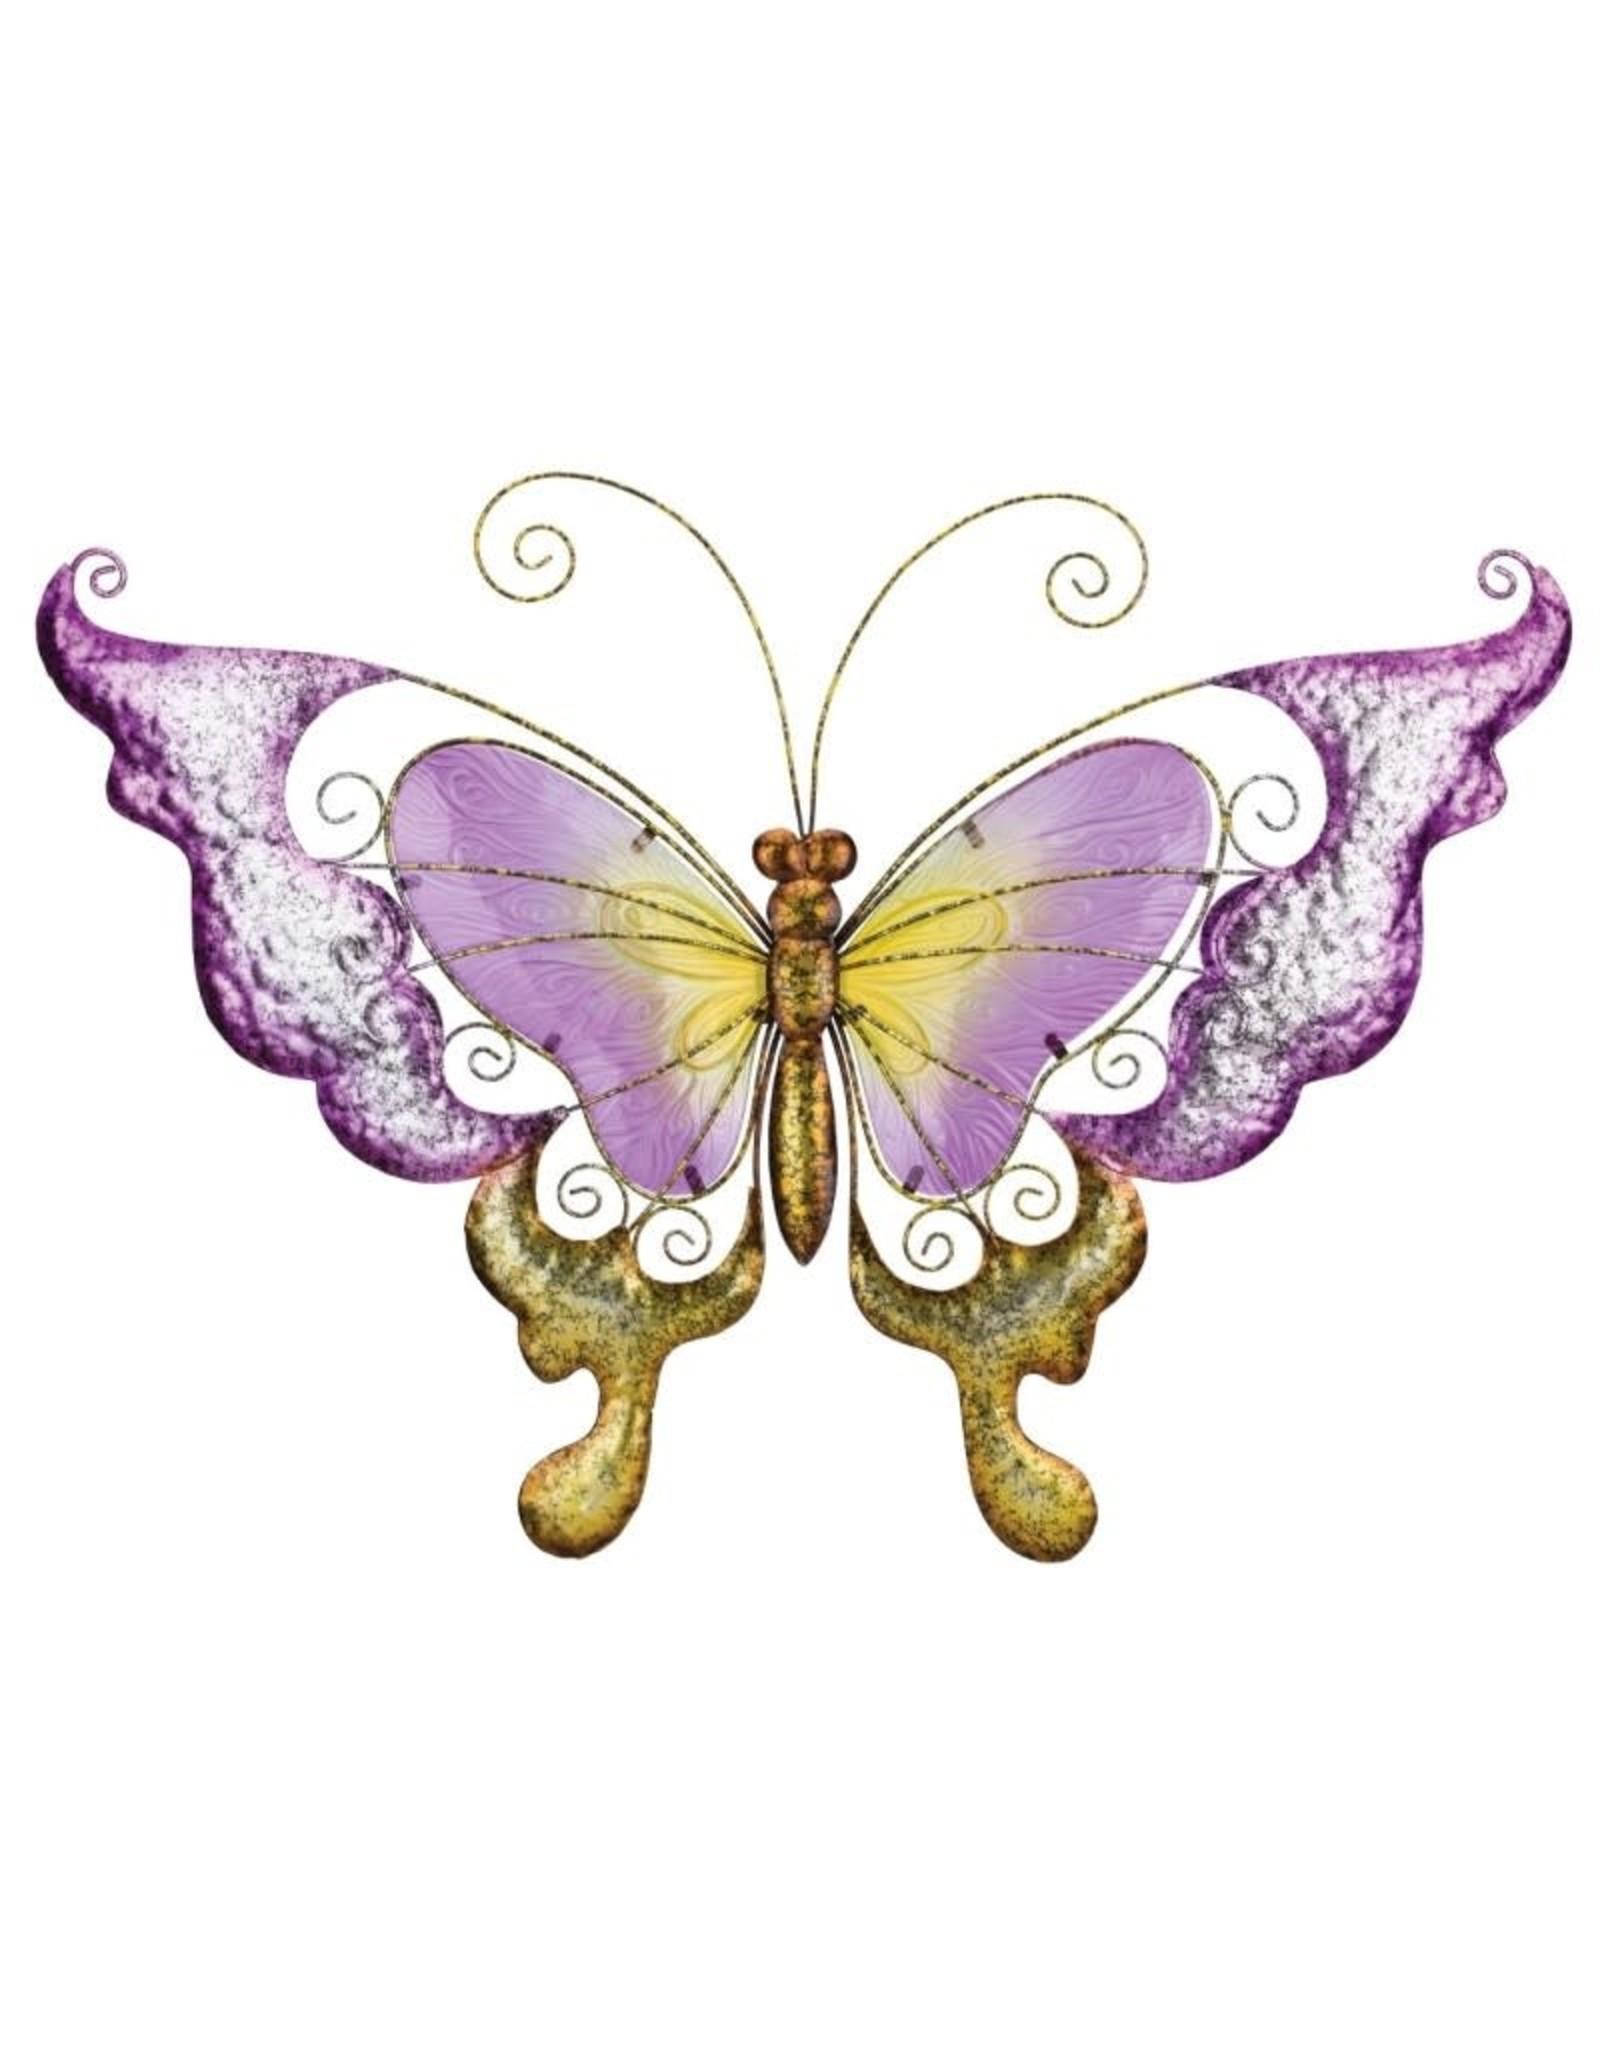 28 Inch Wall Art Butterfly - Purple